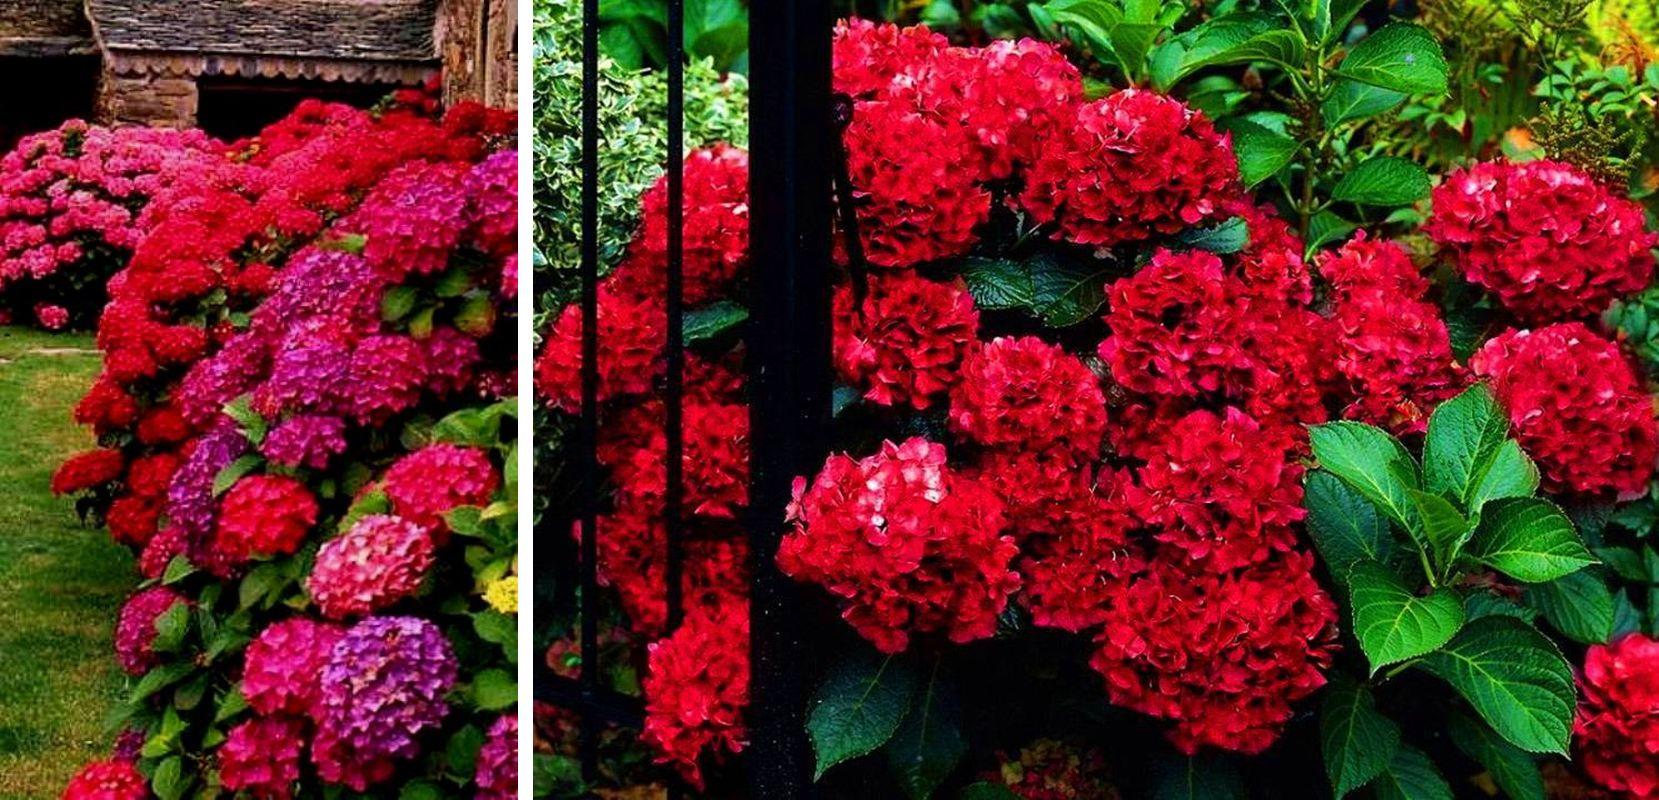 Цветение садовой и комнатной гортензии: когда начинает цвести после посадки